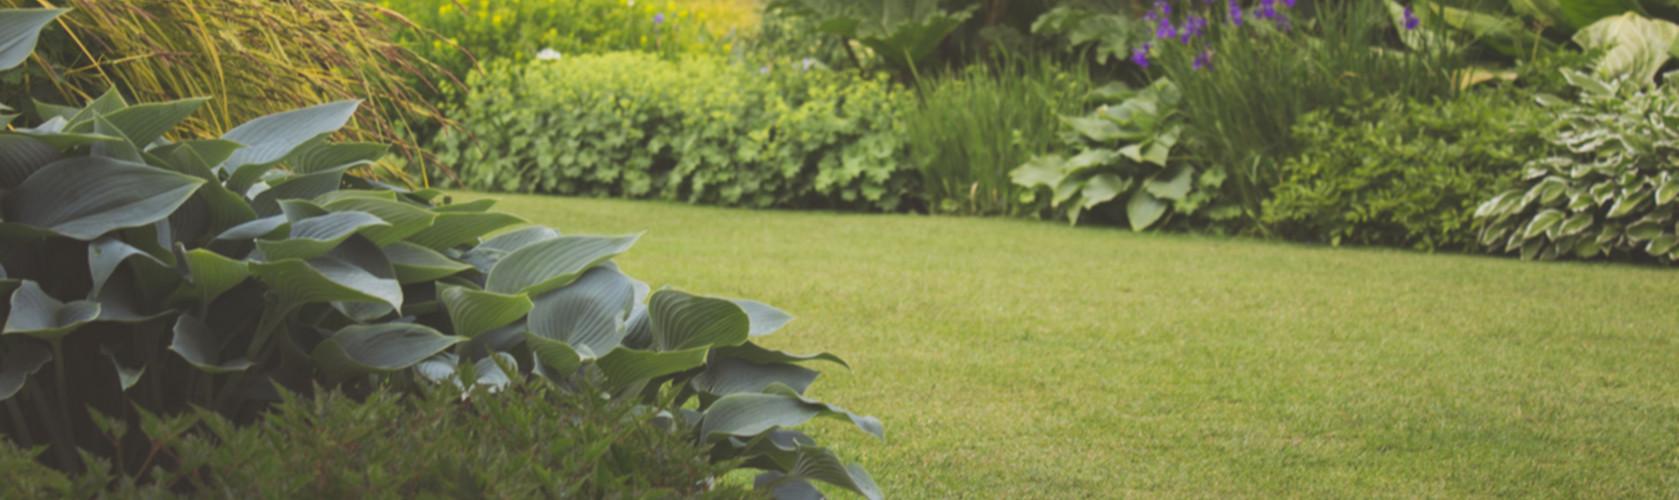 garden_background_slide